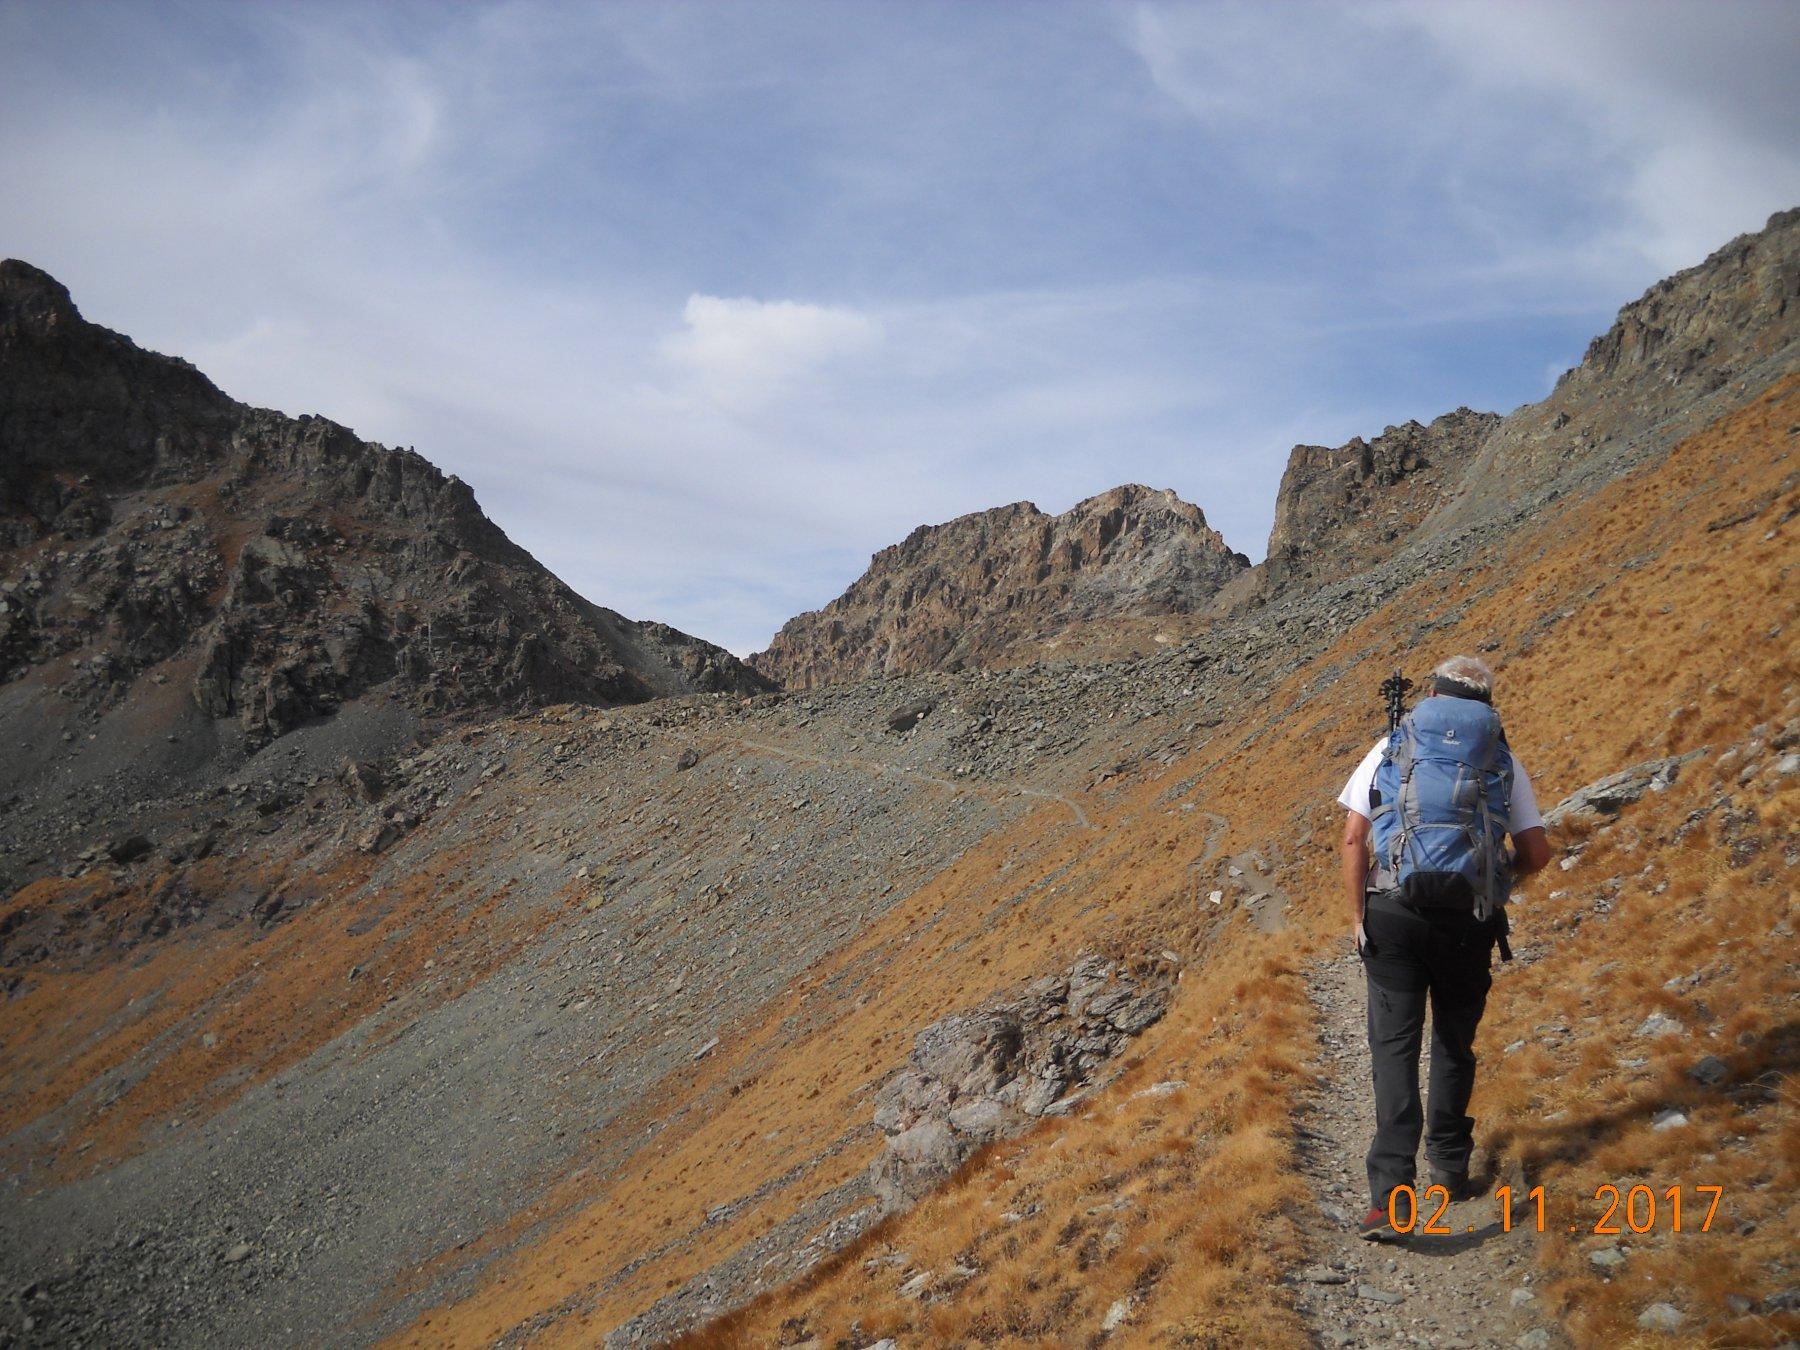 verso il passo San Chiaffredo